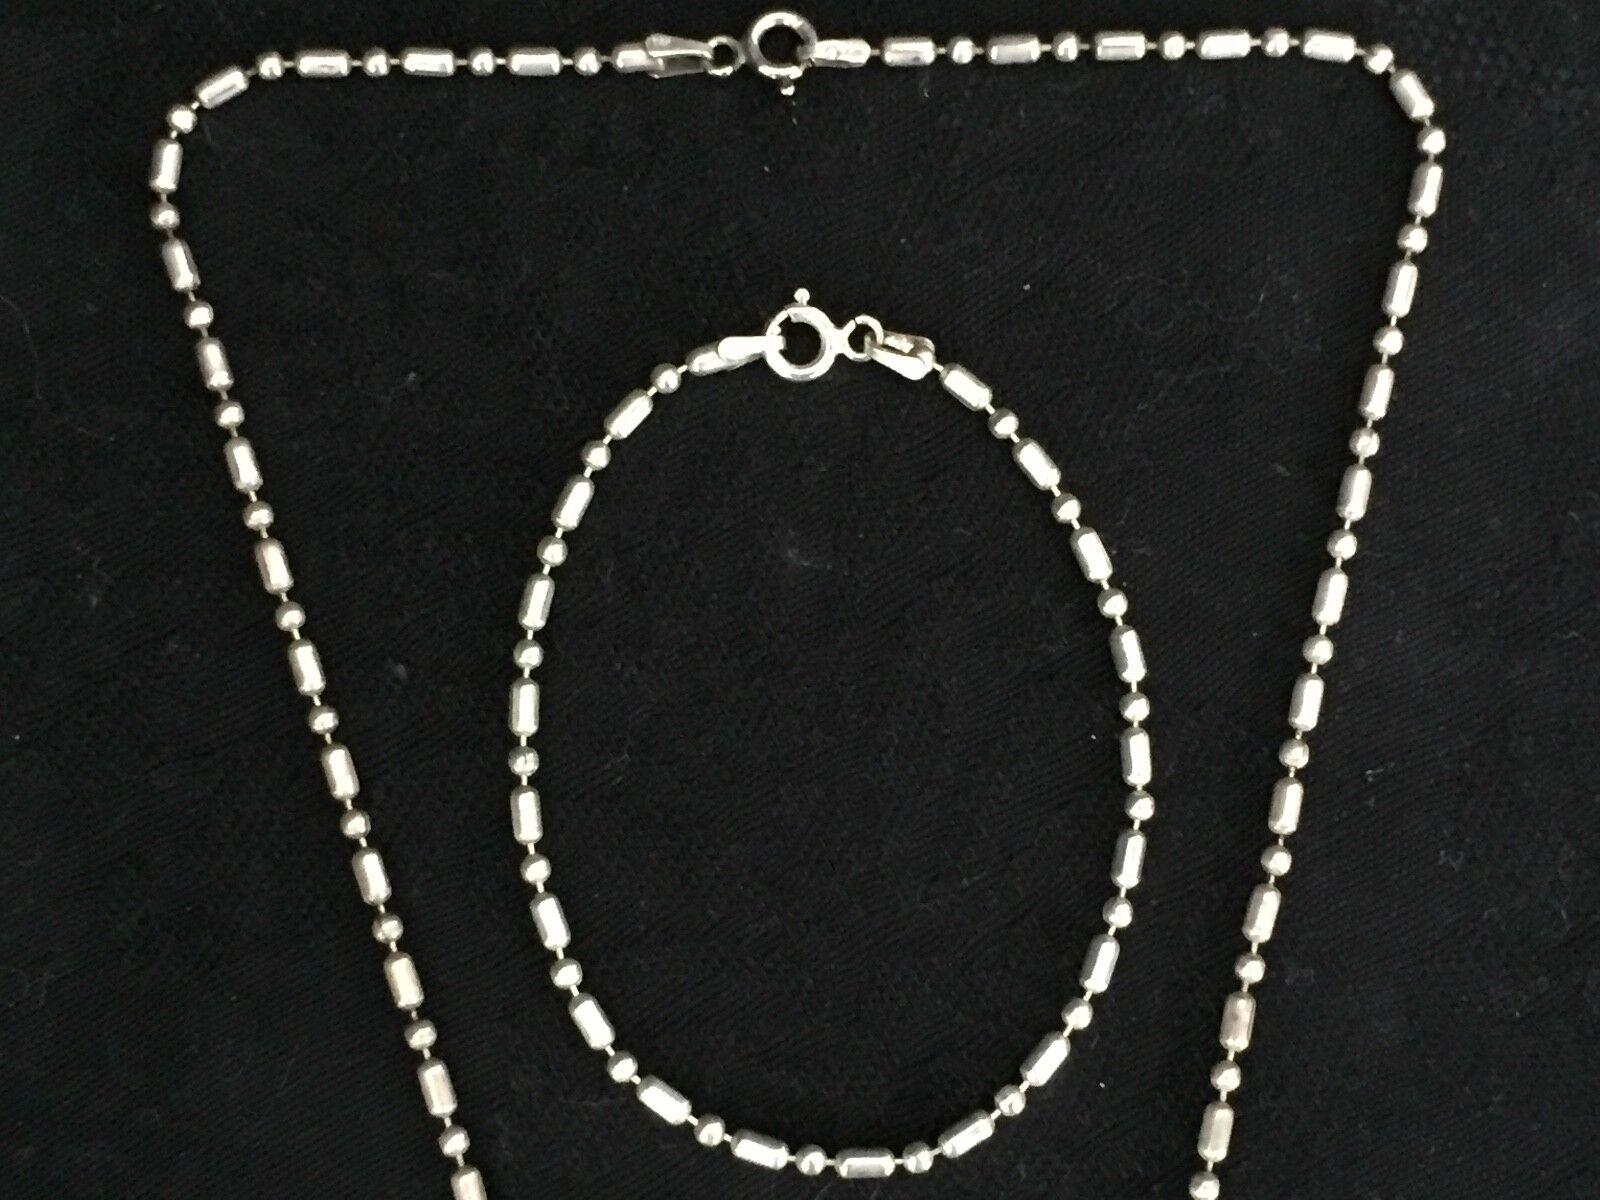 COLLIER ET BRACELET BRACELET BRACELET EN argento 49 5 GRAMMES AVEC NACRE MAILLE GRAIN  E82 55728c